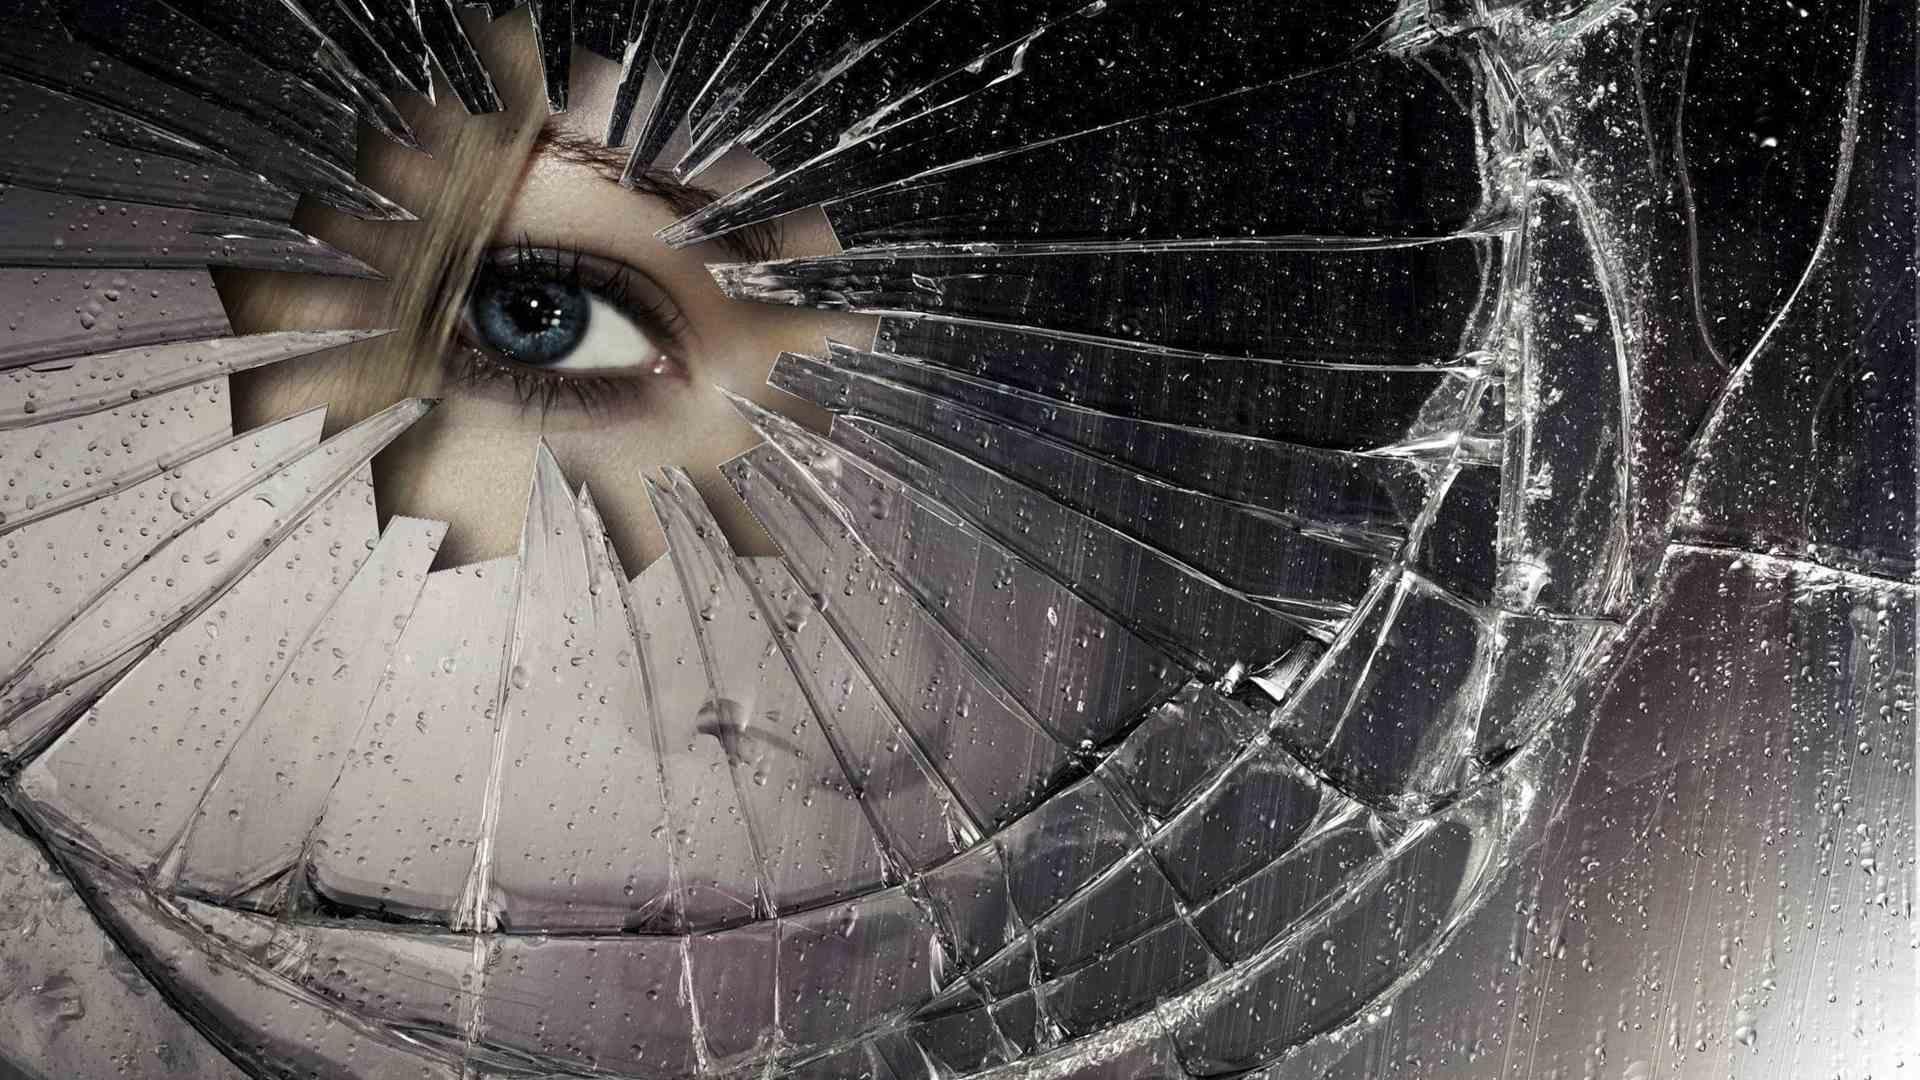 разбилось зеркало само примета стоит лишь выполнить